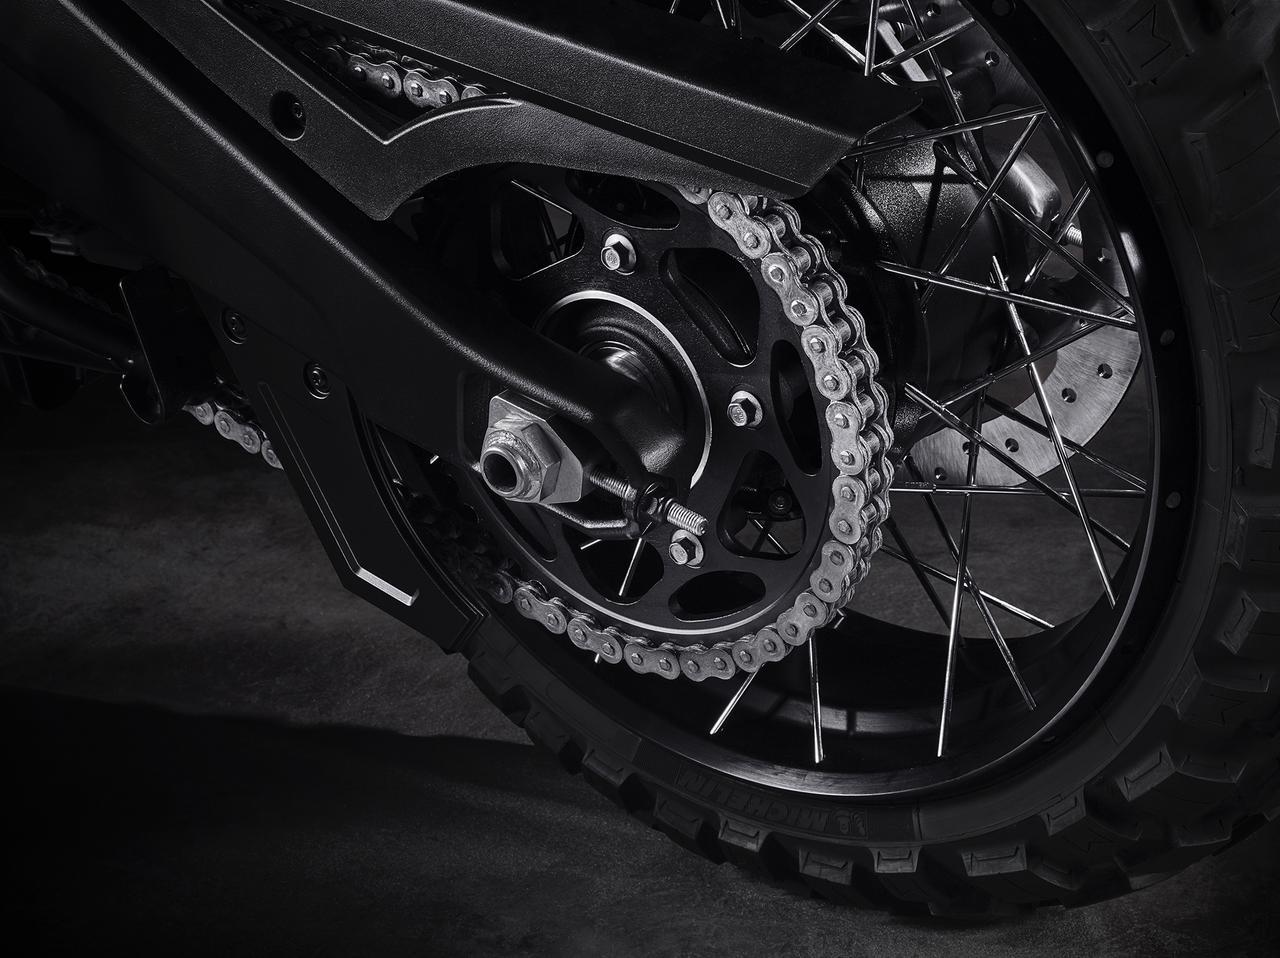 Images : 4番目の画像 - 「ハーレー初のアドベンチャー「Pan America」が登場!1250ccの新型水冷Vツインエンジン「Revolution Max」とは?【EICMA 2019速報!】」のアルバム - webオートバイ